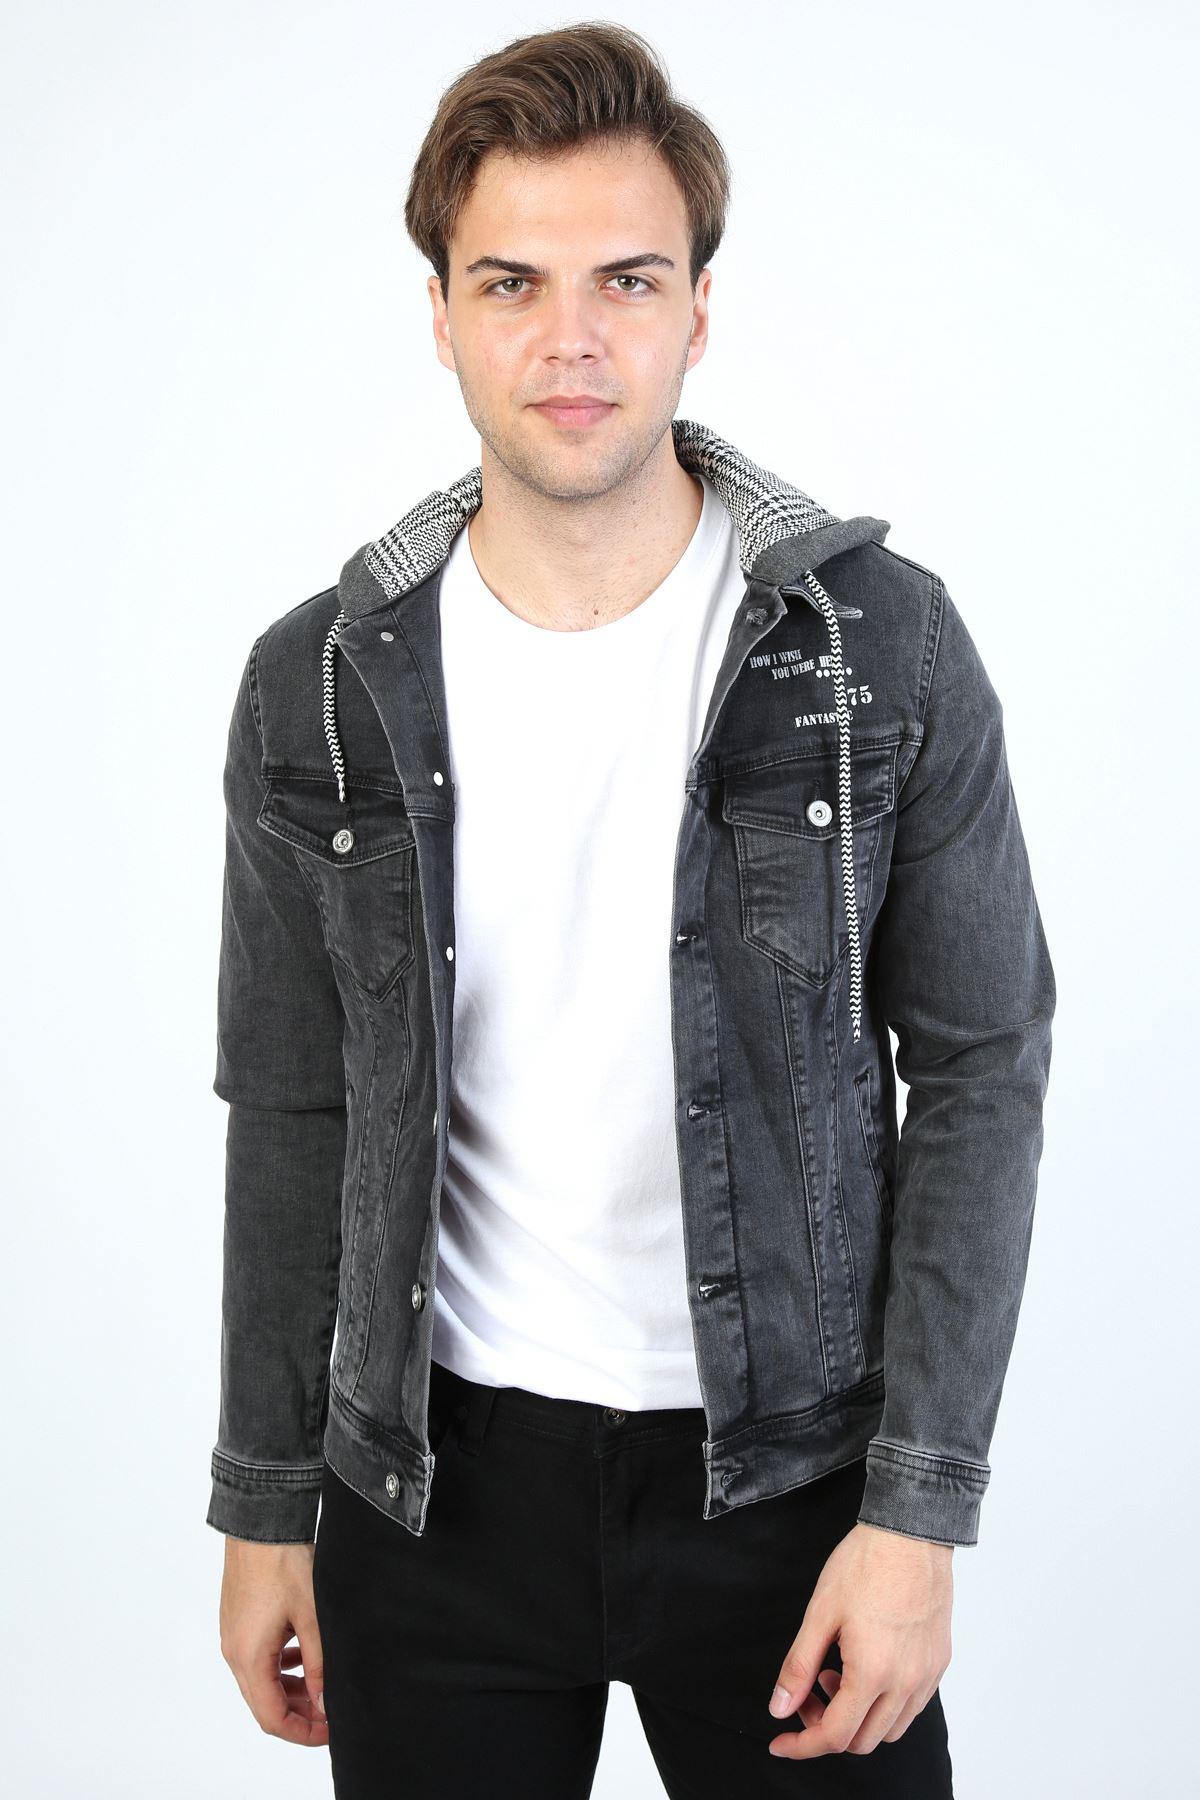 Erkek Baskı Detay Kapüşonlu Antrasit Kot Ceket